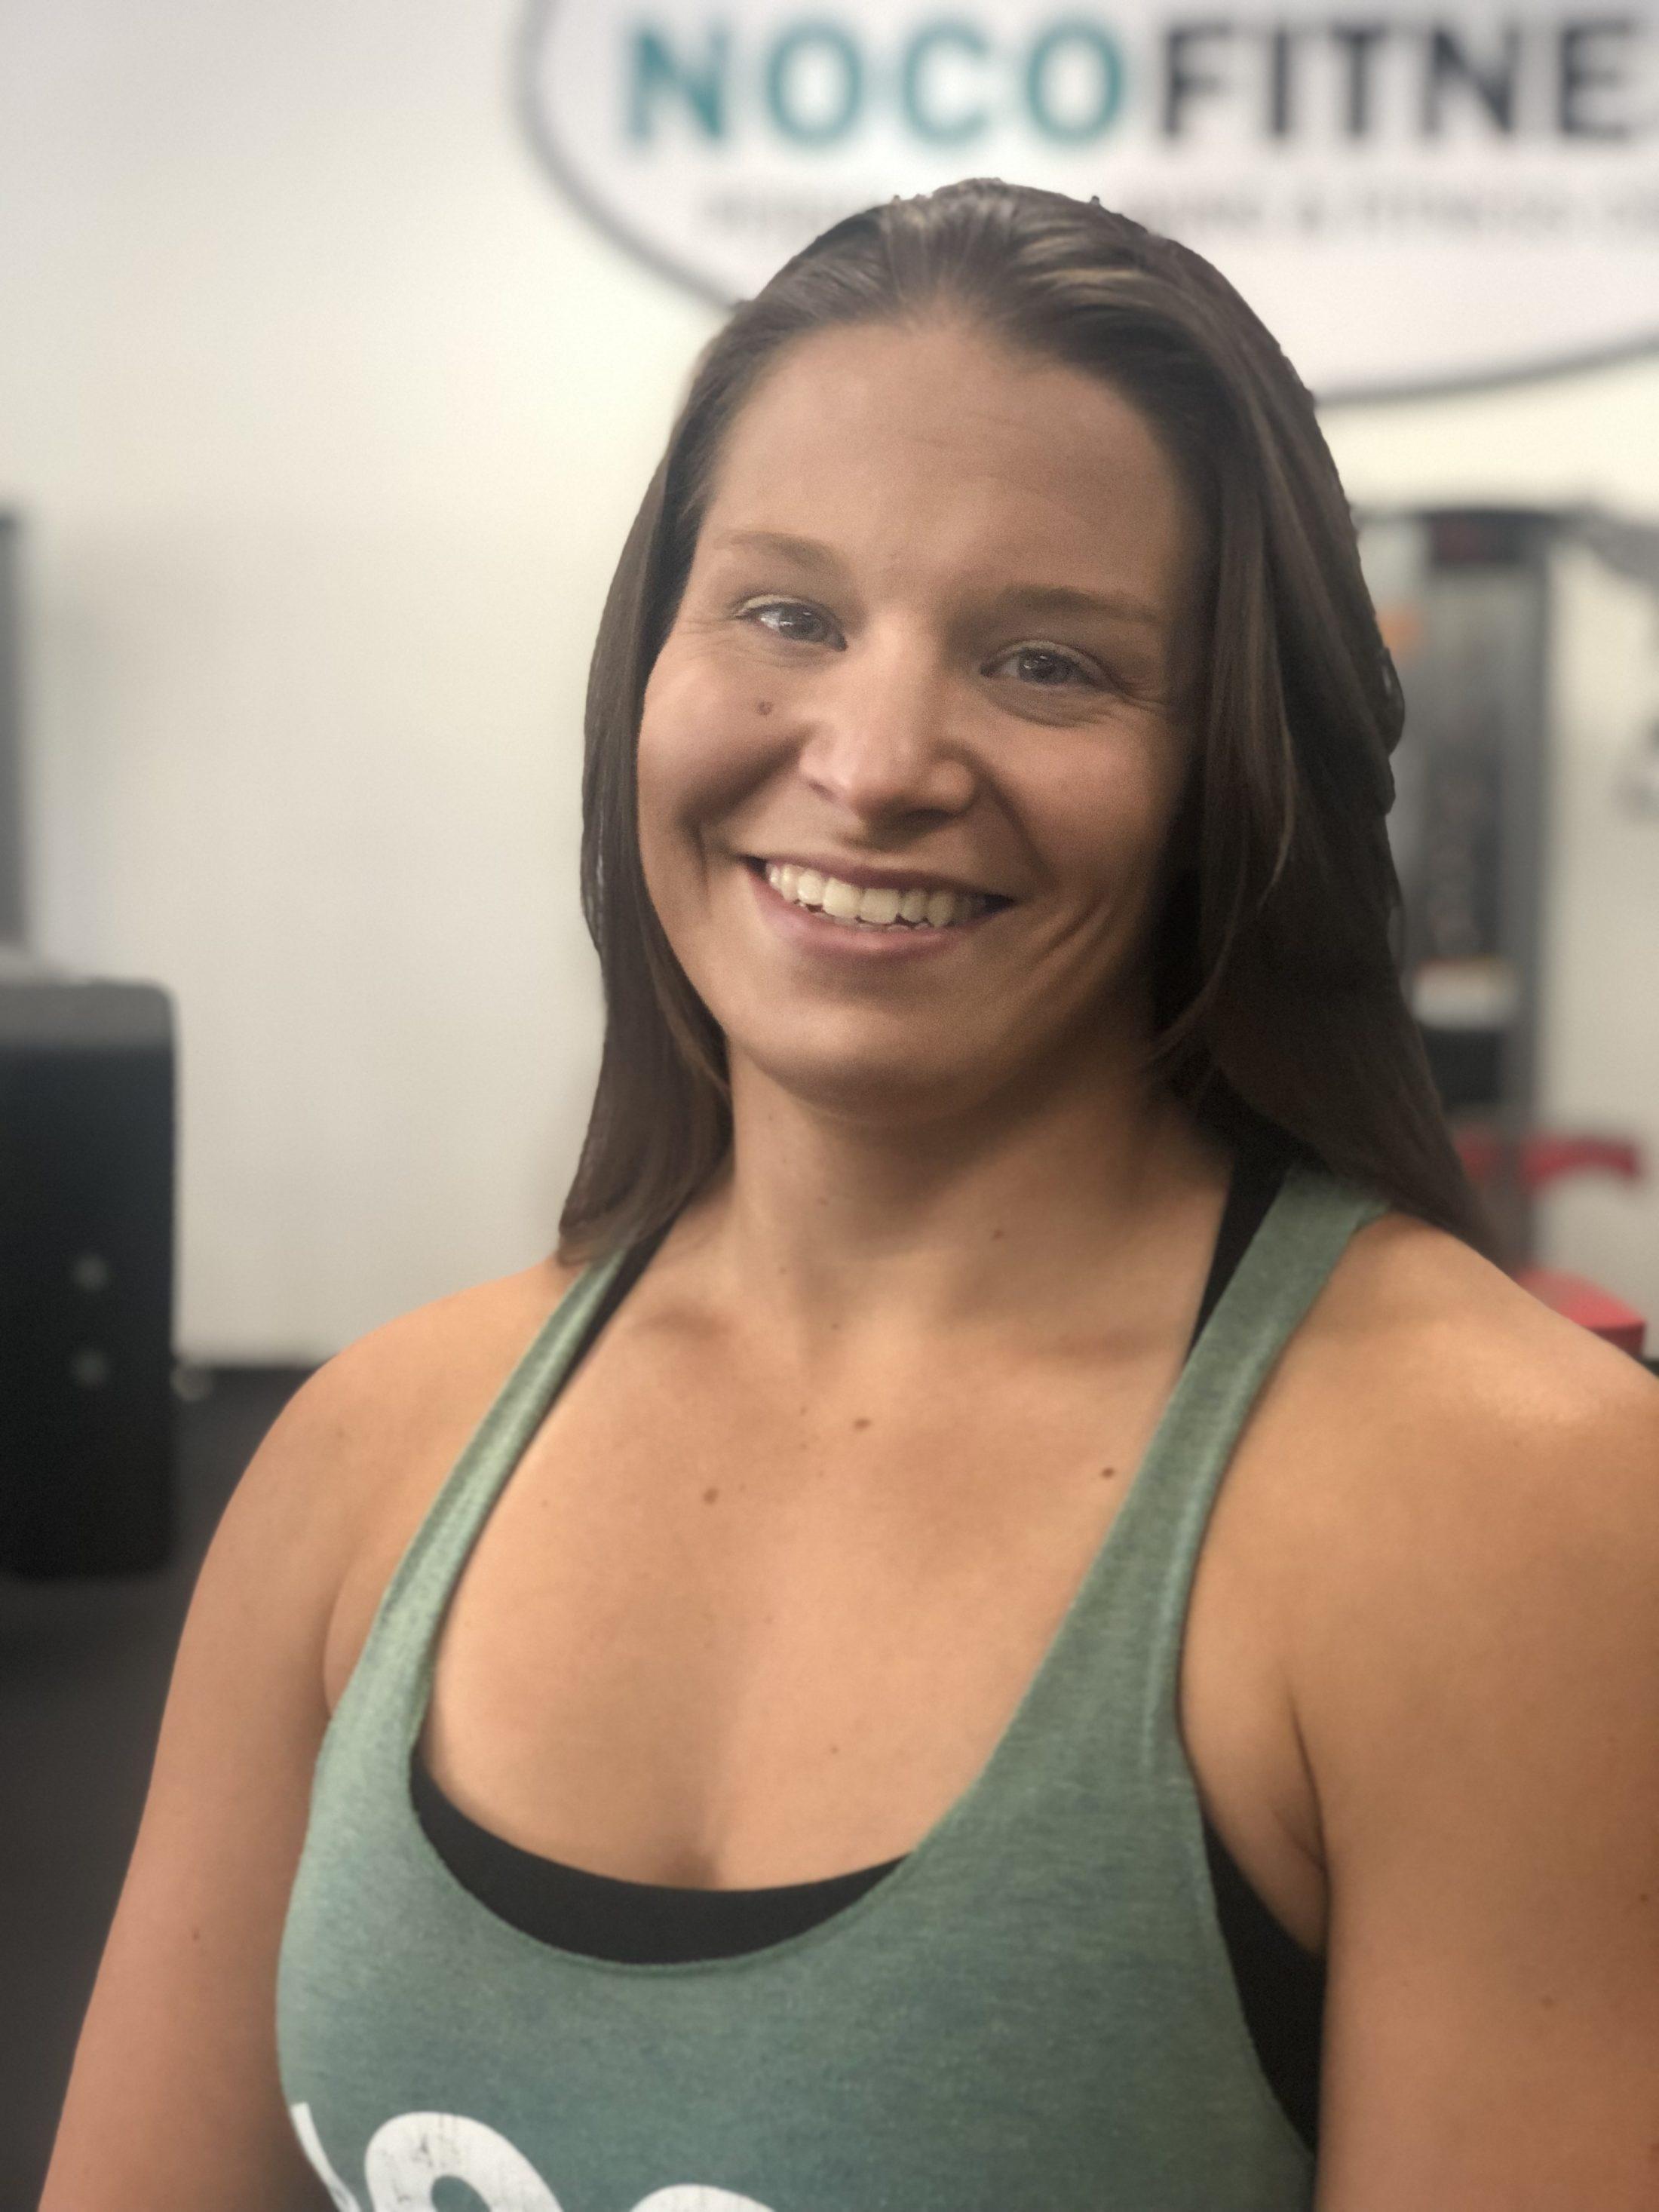 Rebecca Silvernale